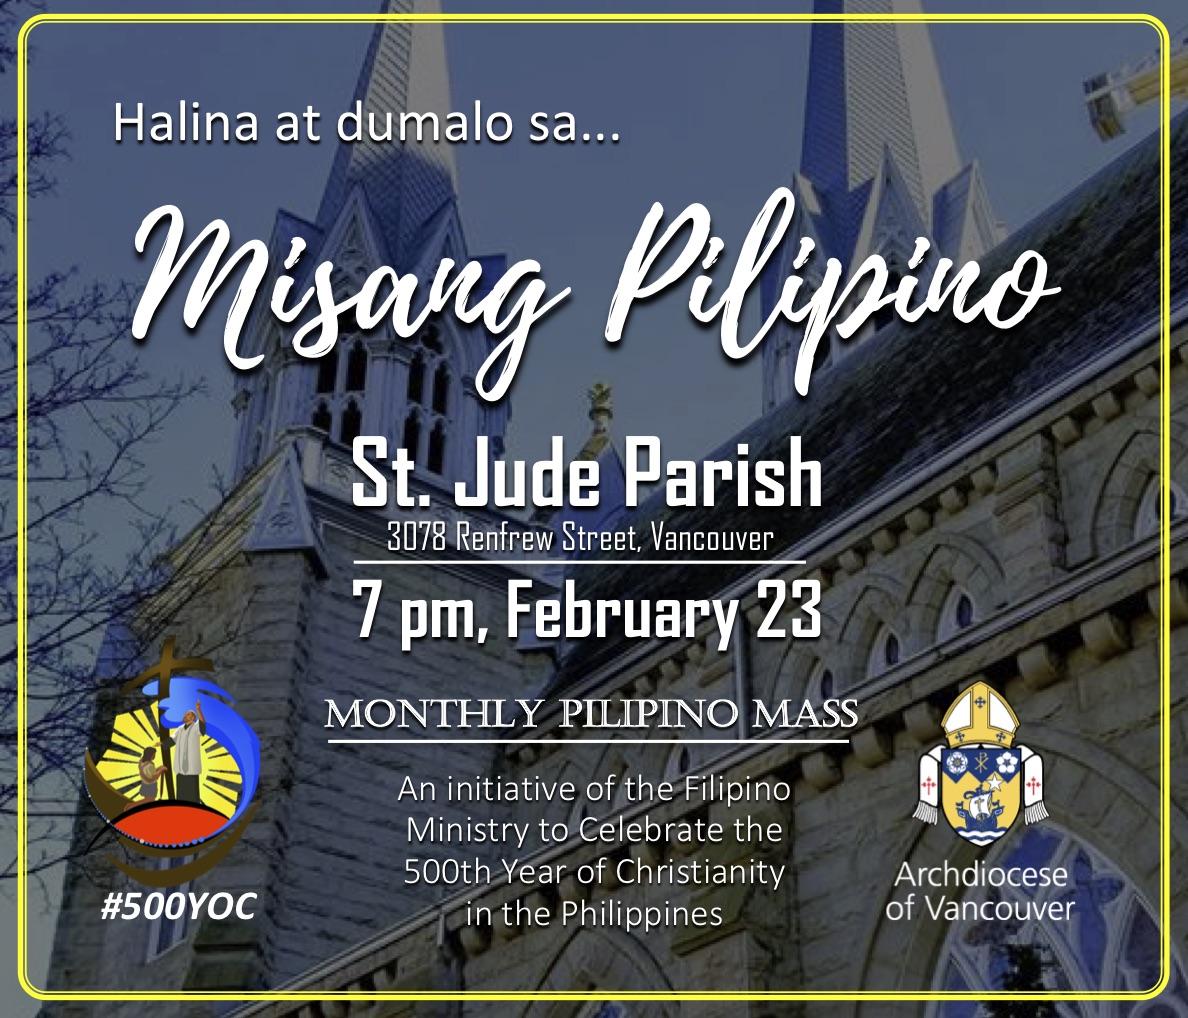 Monthly Pilipino Mass @ St. Jude Parish